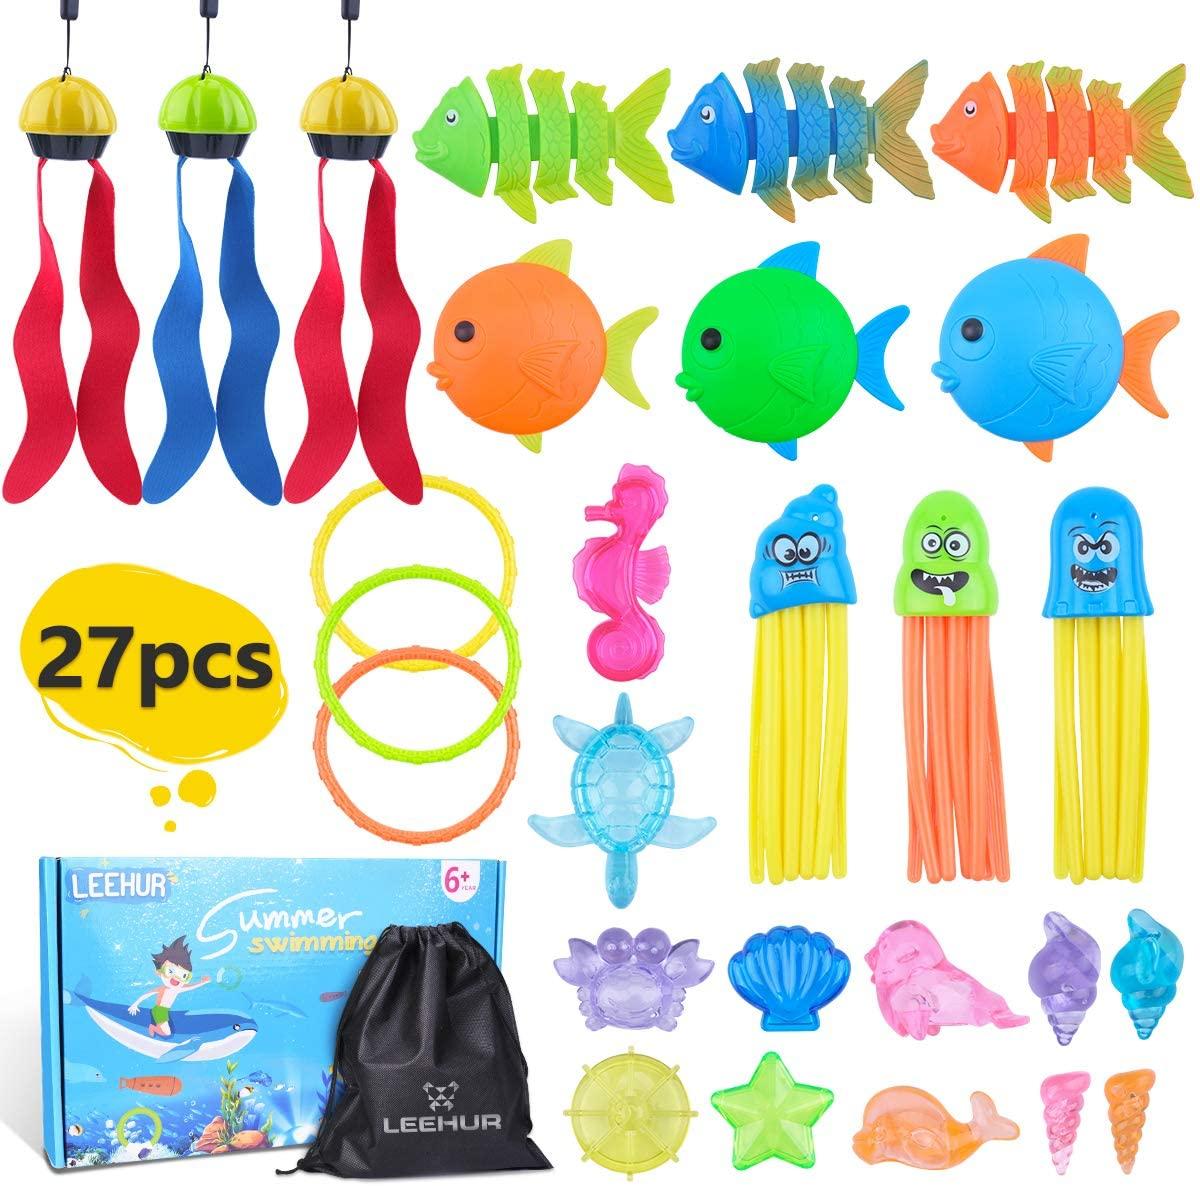 Juguete de Piscina para Niños (27 pcs)